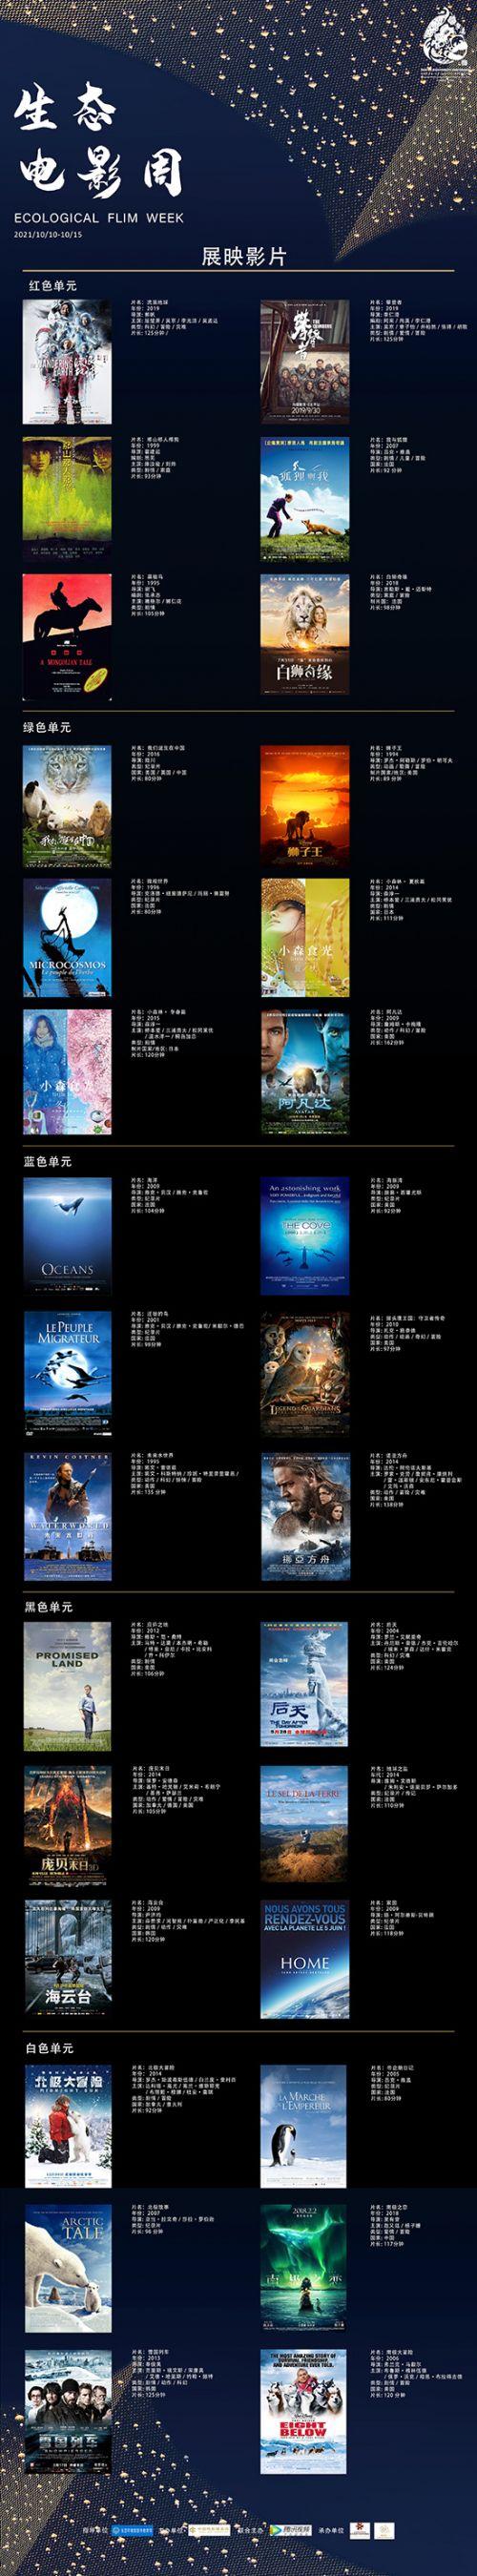 首届生态电影周线上启动 张凯丽黄晓明毛晓彤加盟